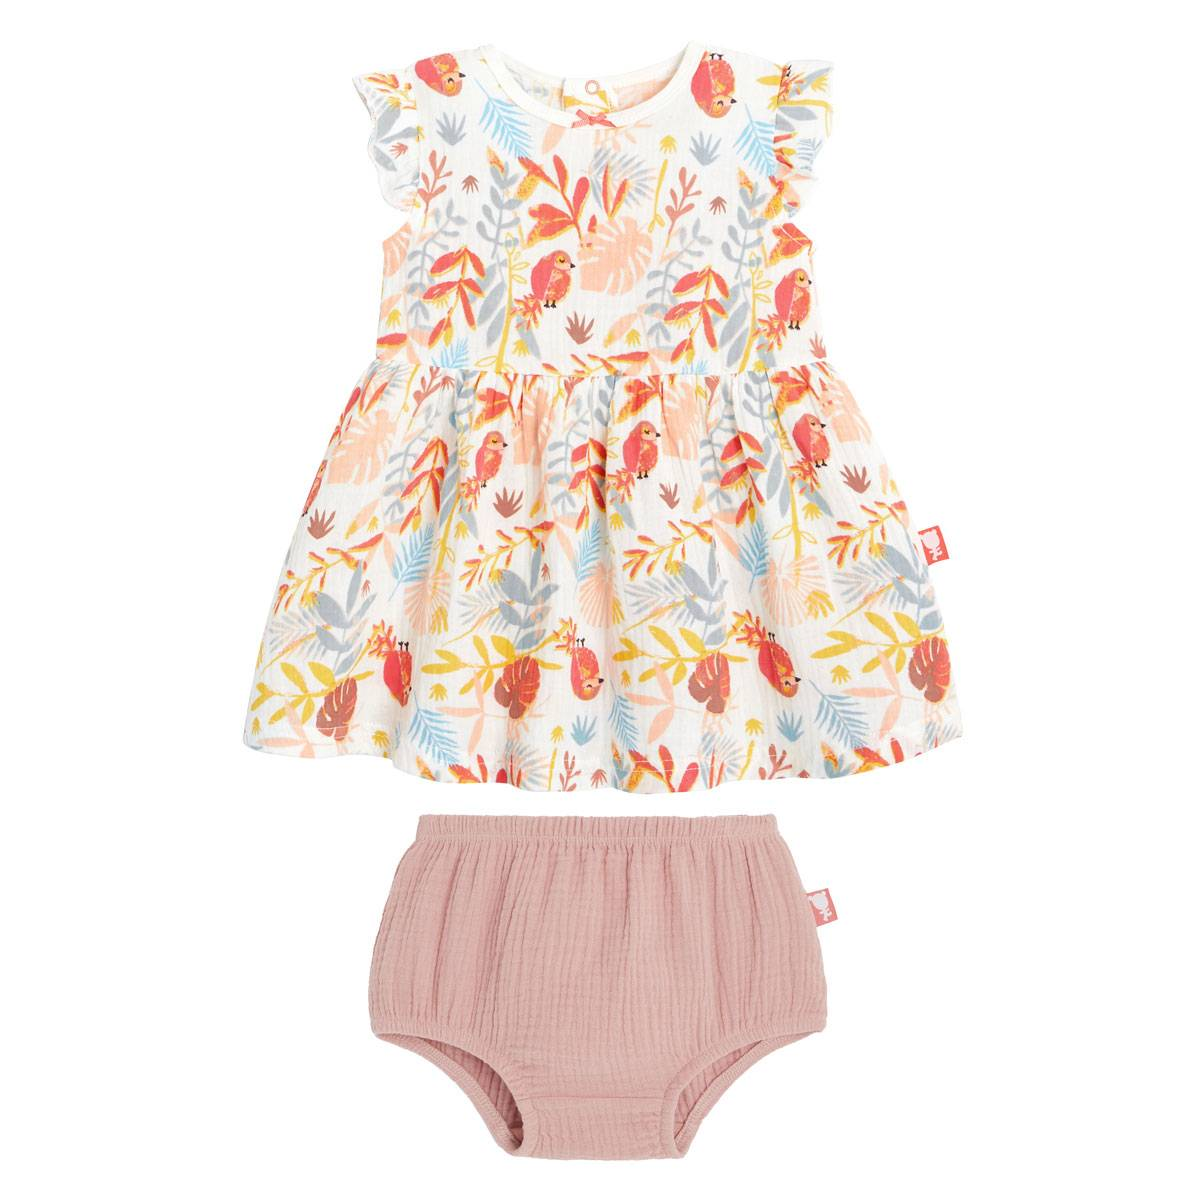 Petit Béguin Robe fille et culotte Tropic - Taille - 9 mois